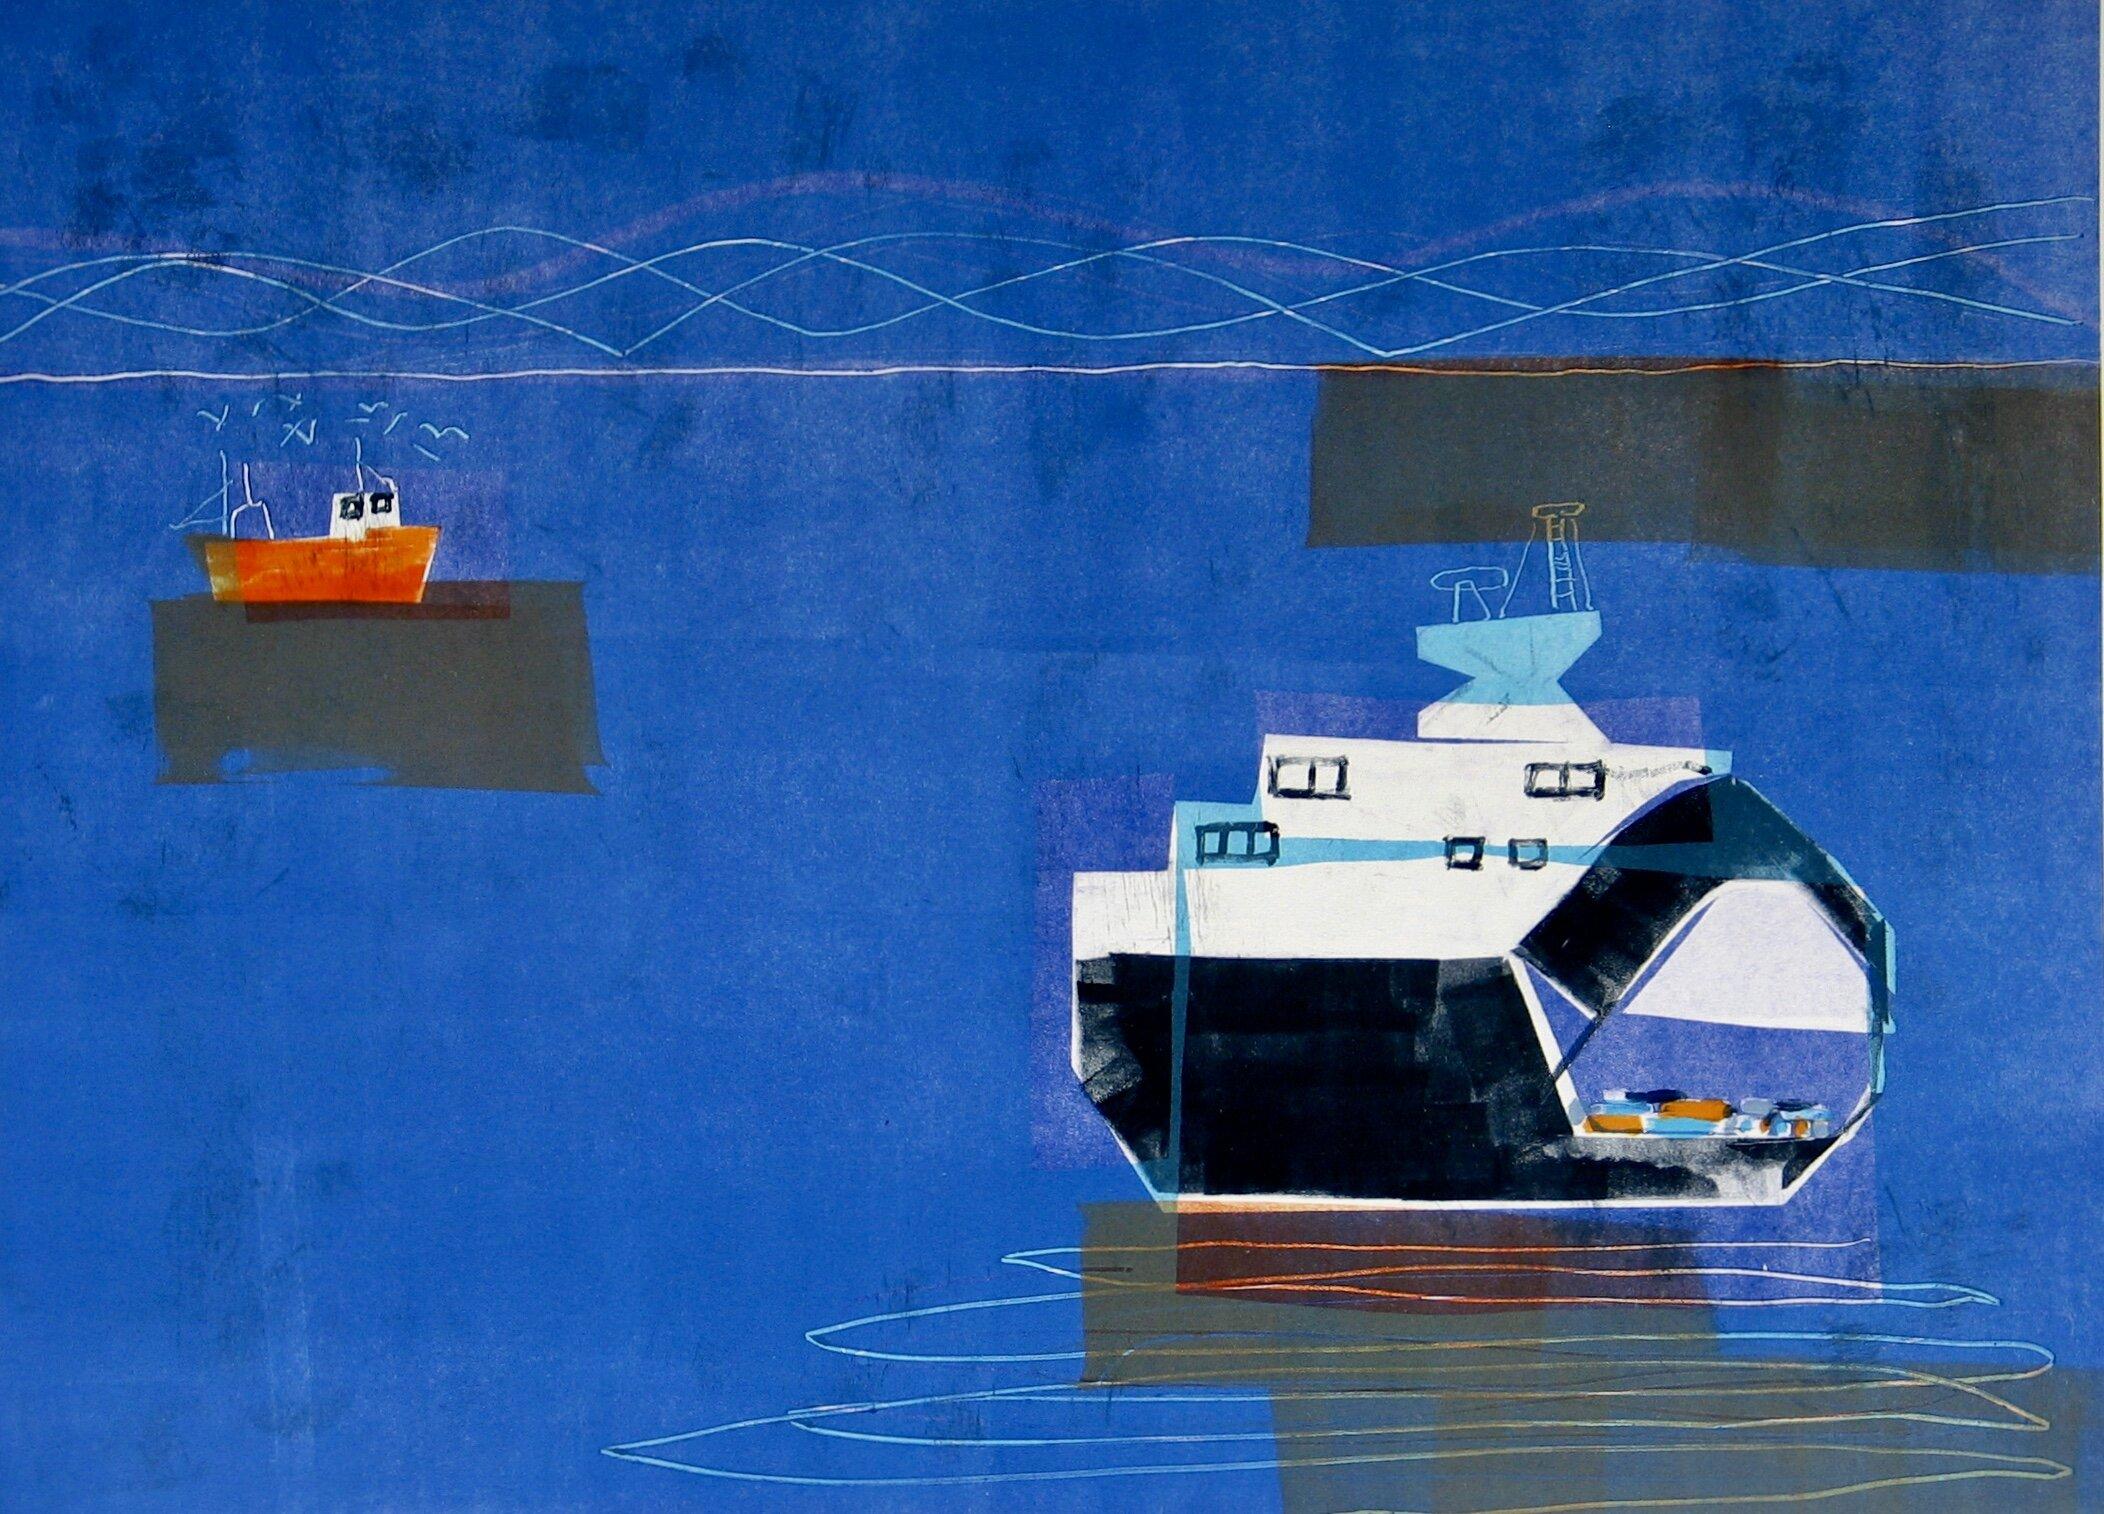 På heimveg (Going home)  2010, monotype